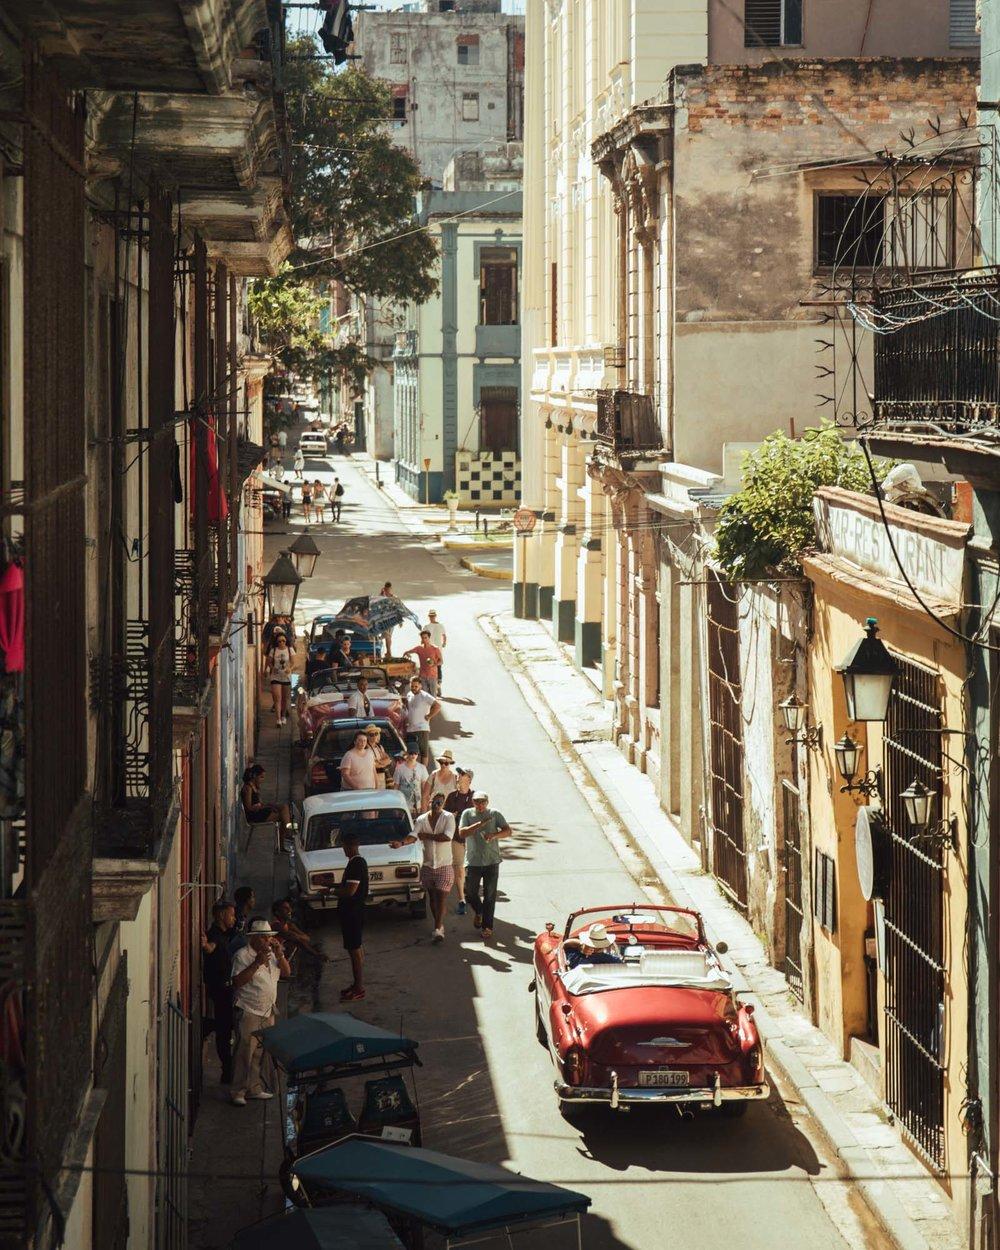 Postcards_From_Cuba_Javi_visits_Hotel_weekend15.jpg